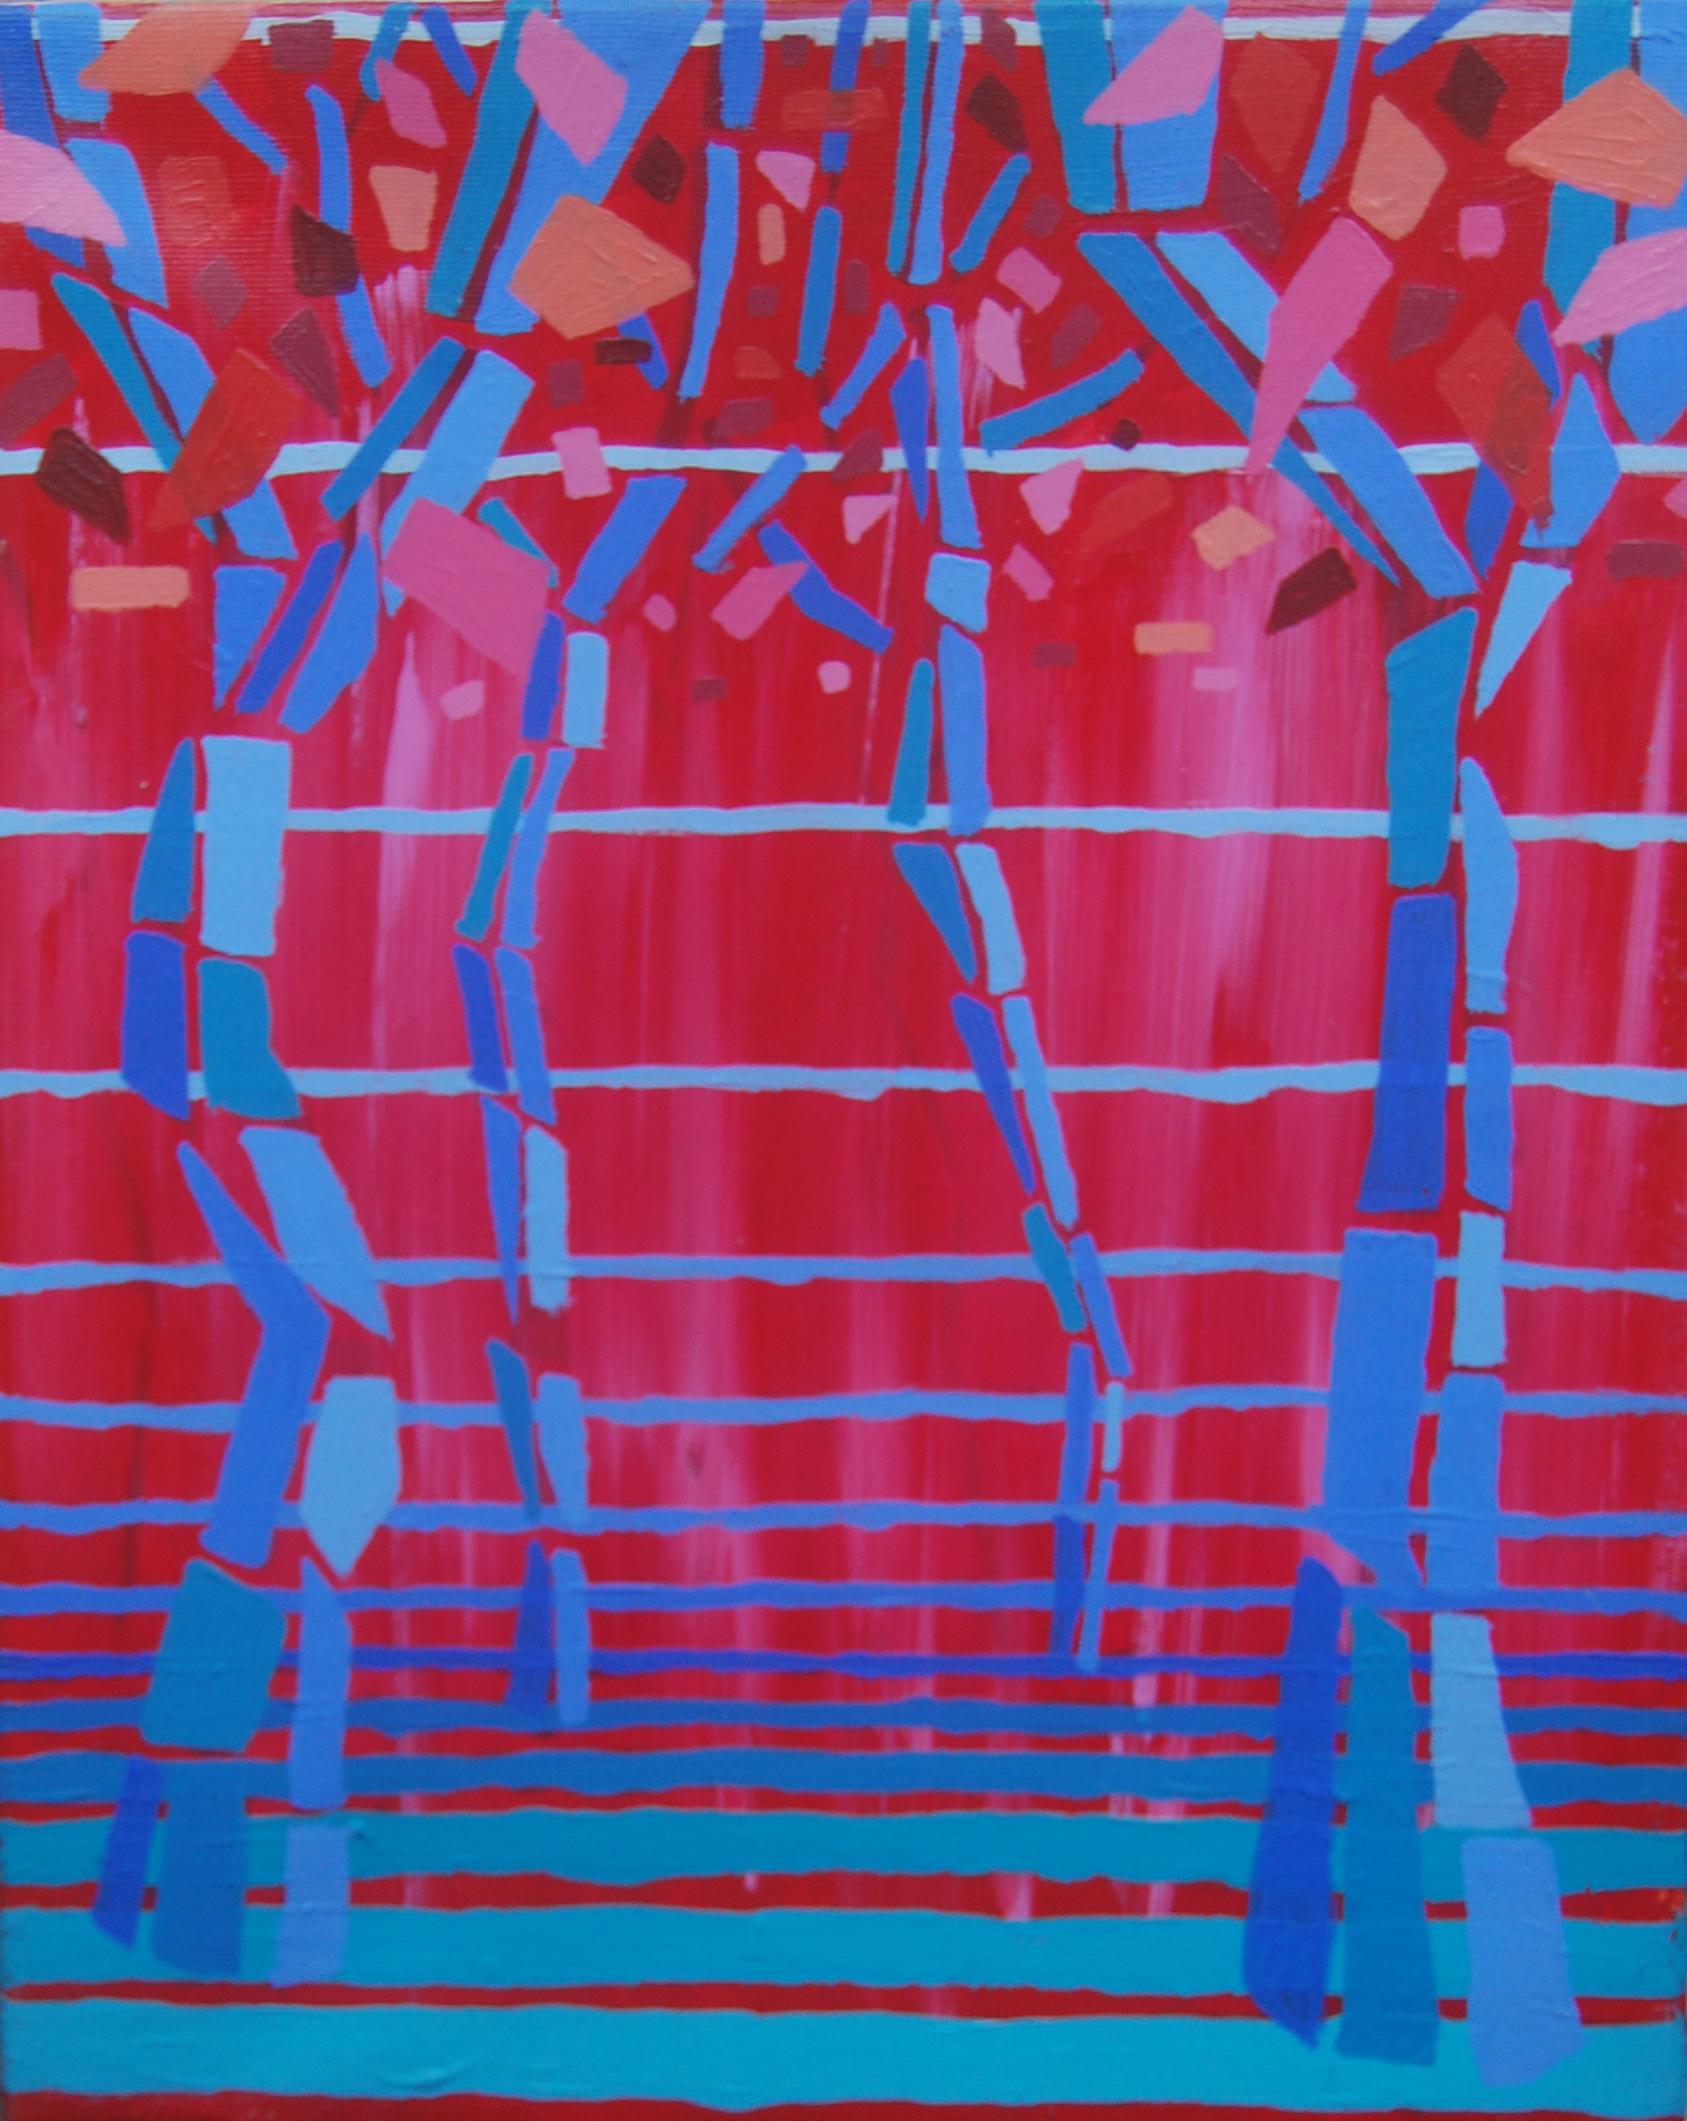 paisajes IV. acrílico sobre lienzo